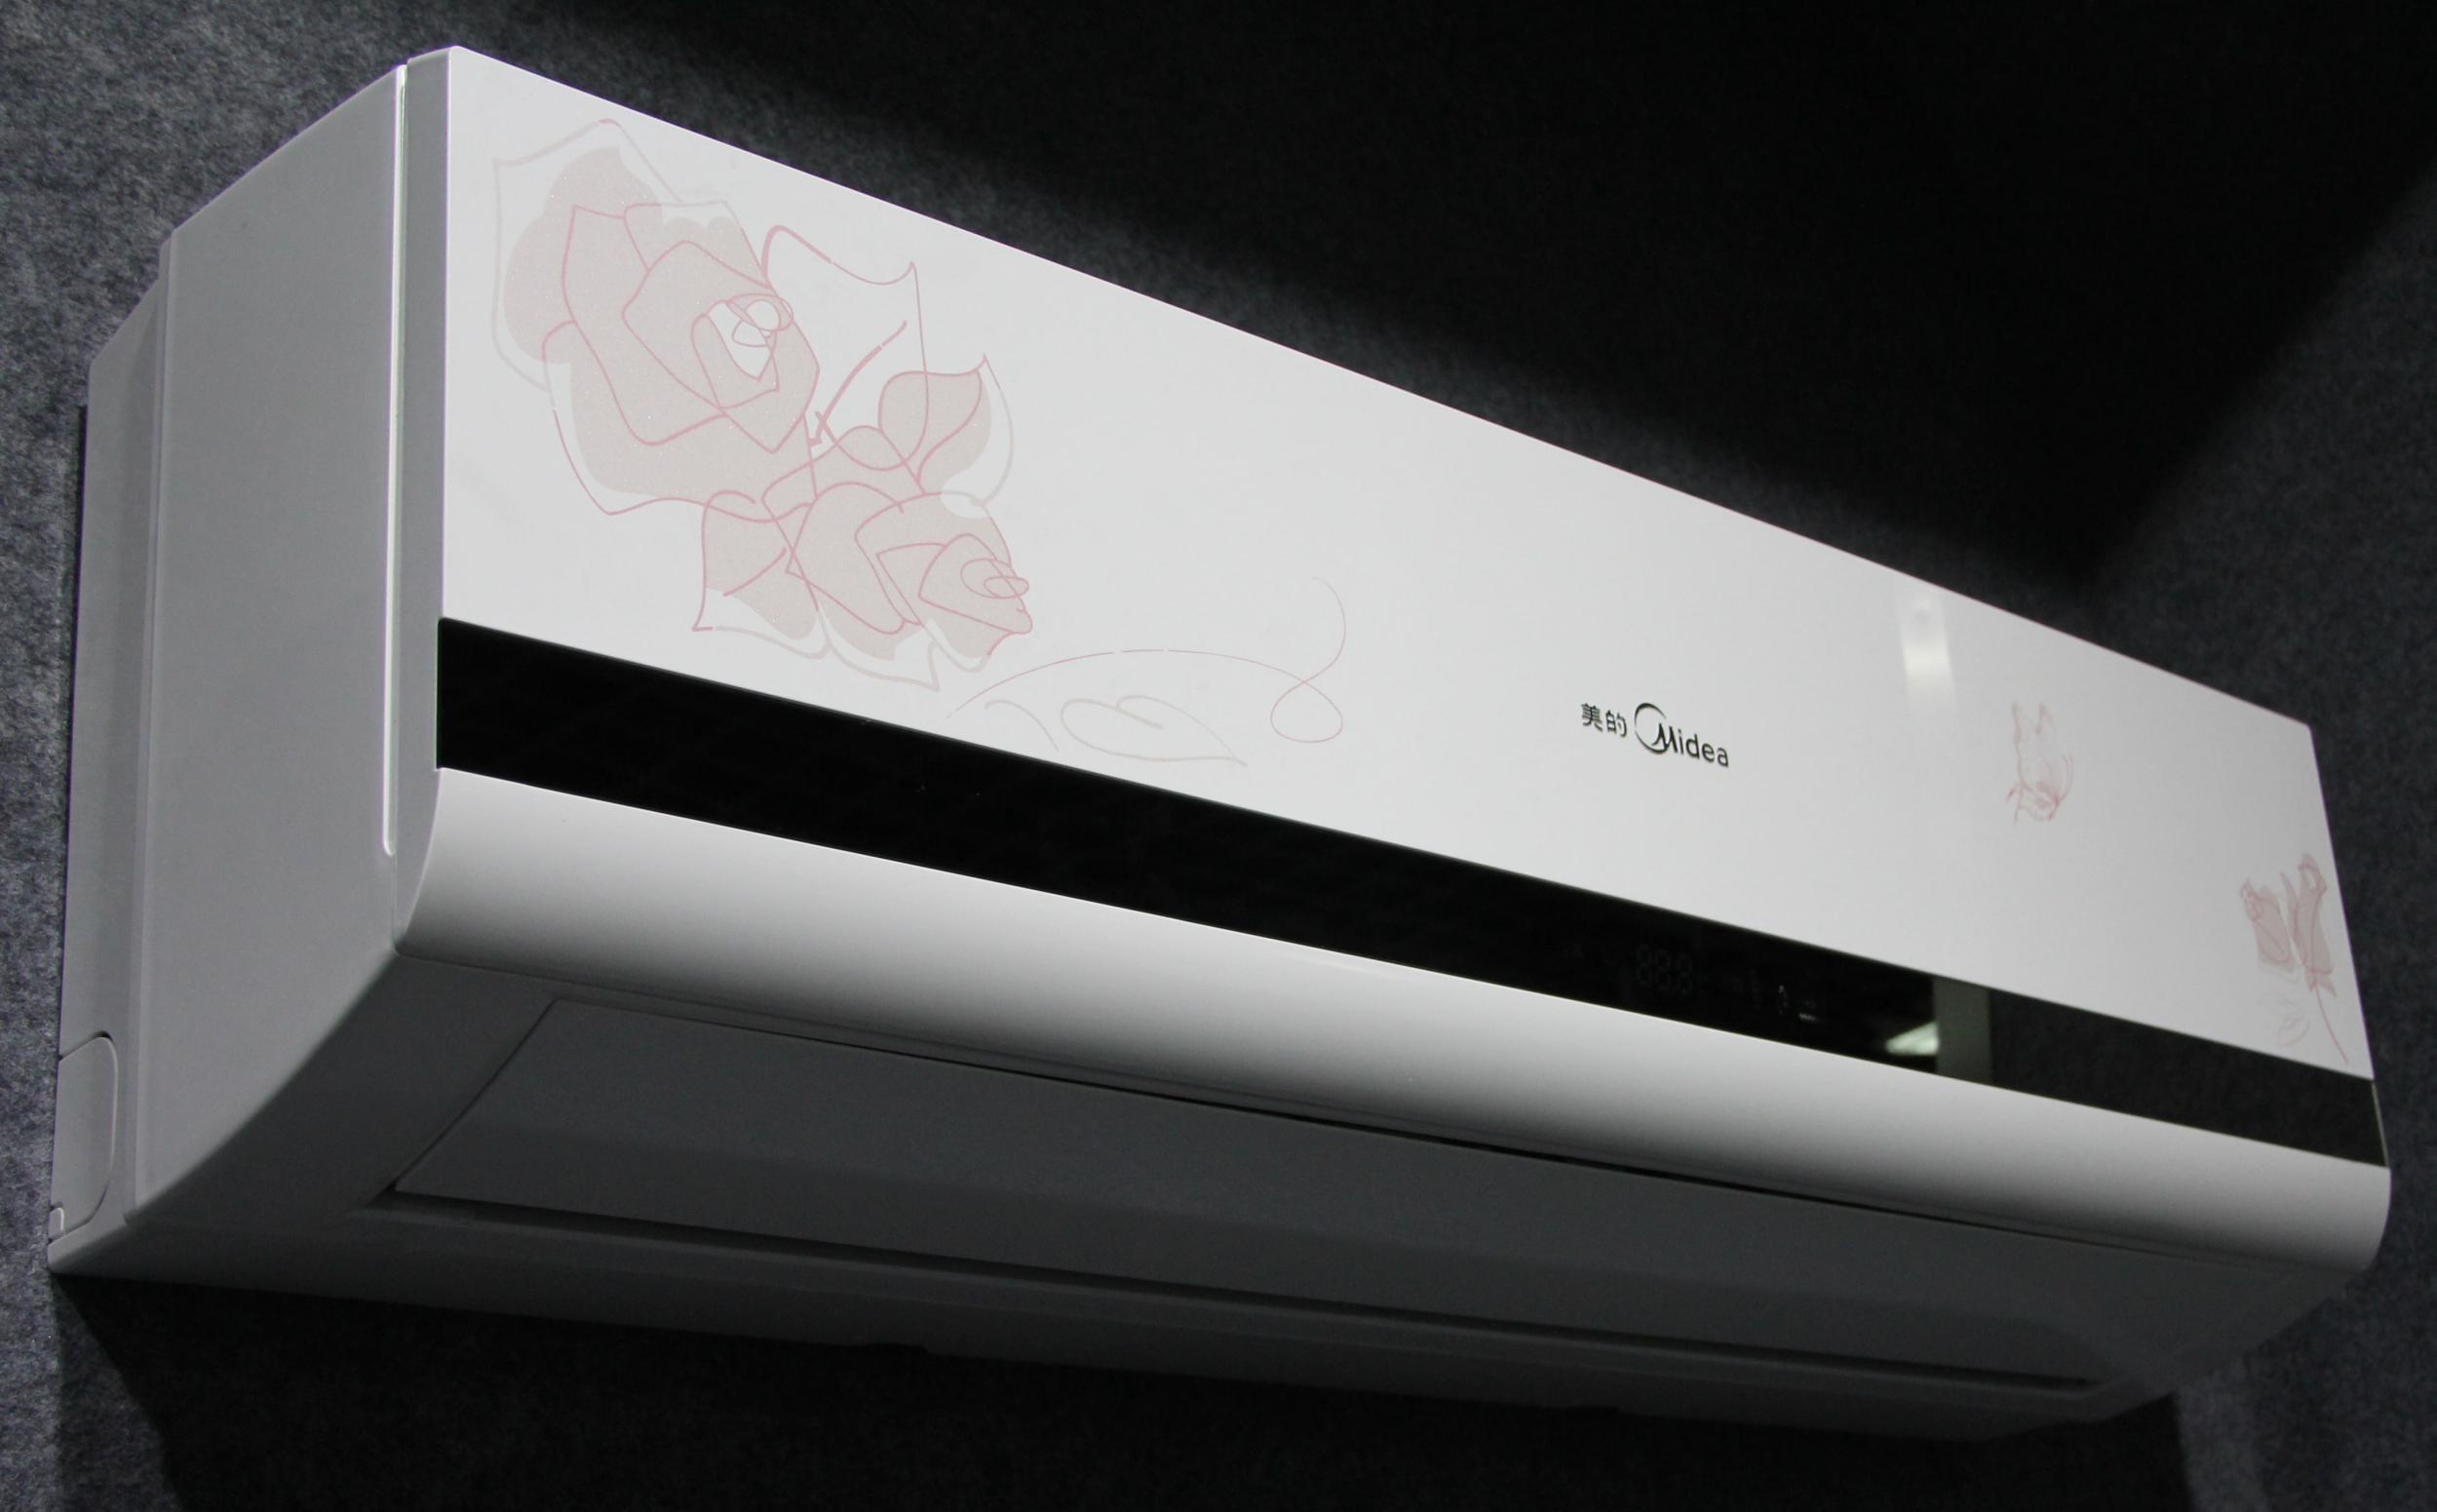 美的空调安装注意事项—美的空调安装有哪些需要注意的地方